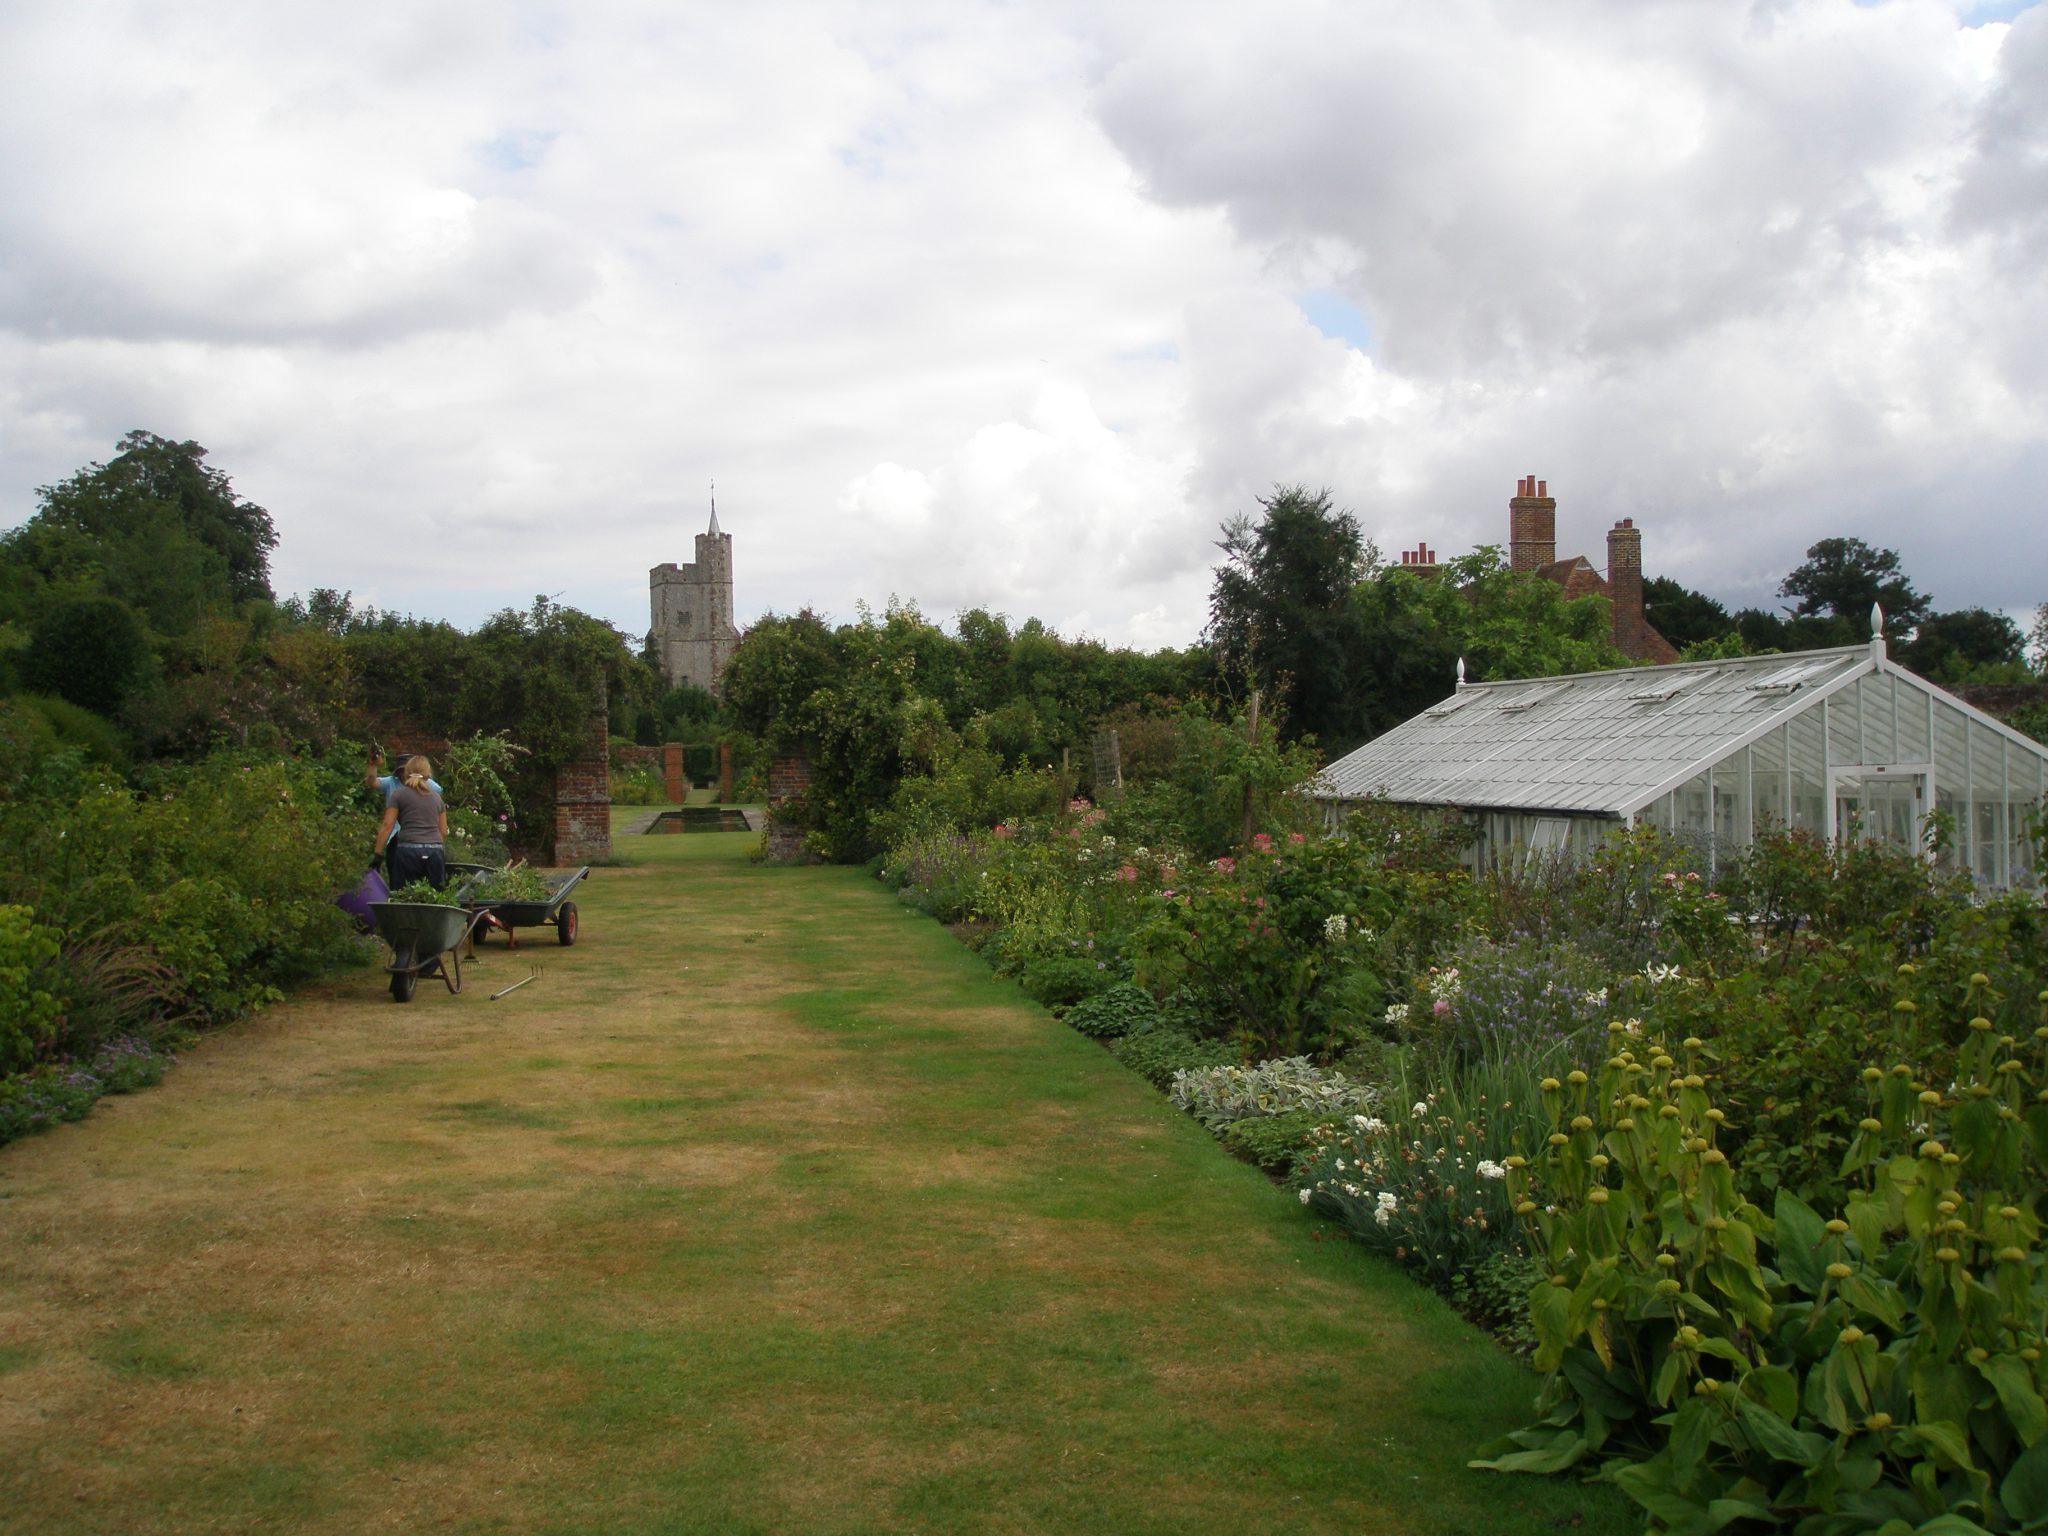 Inside the Walled Garden, Goodnestone's gardeners were hard at work.